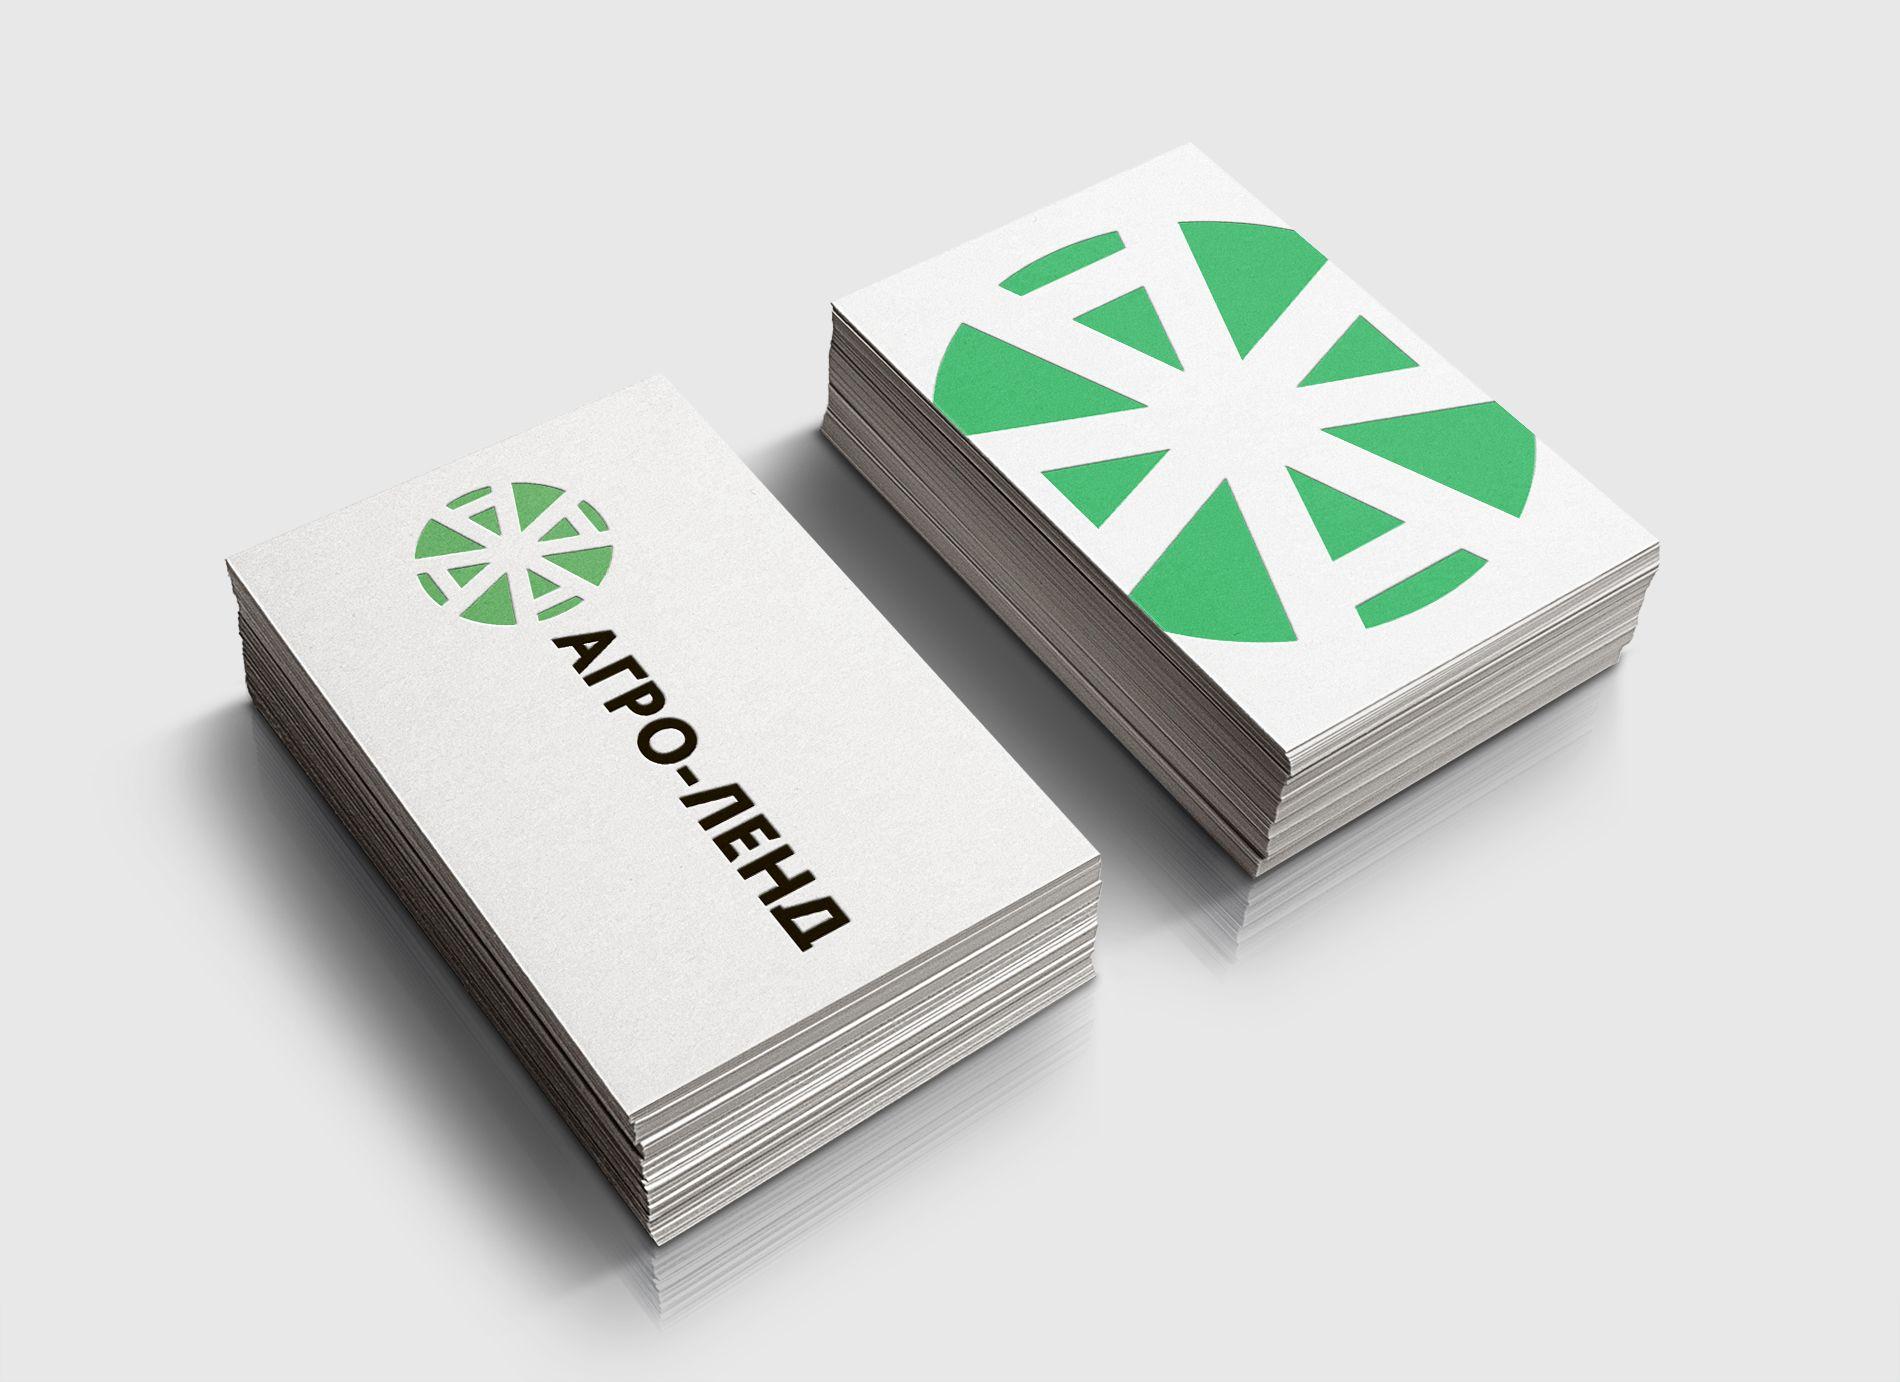 Логотип и фирменный стиль маслозавода. - дизайнер vision